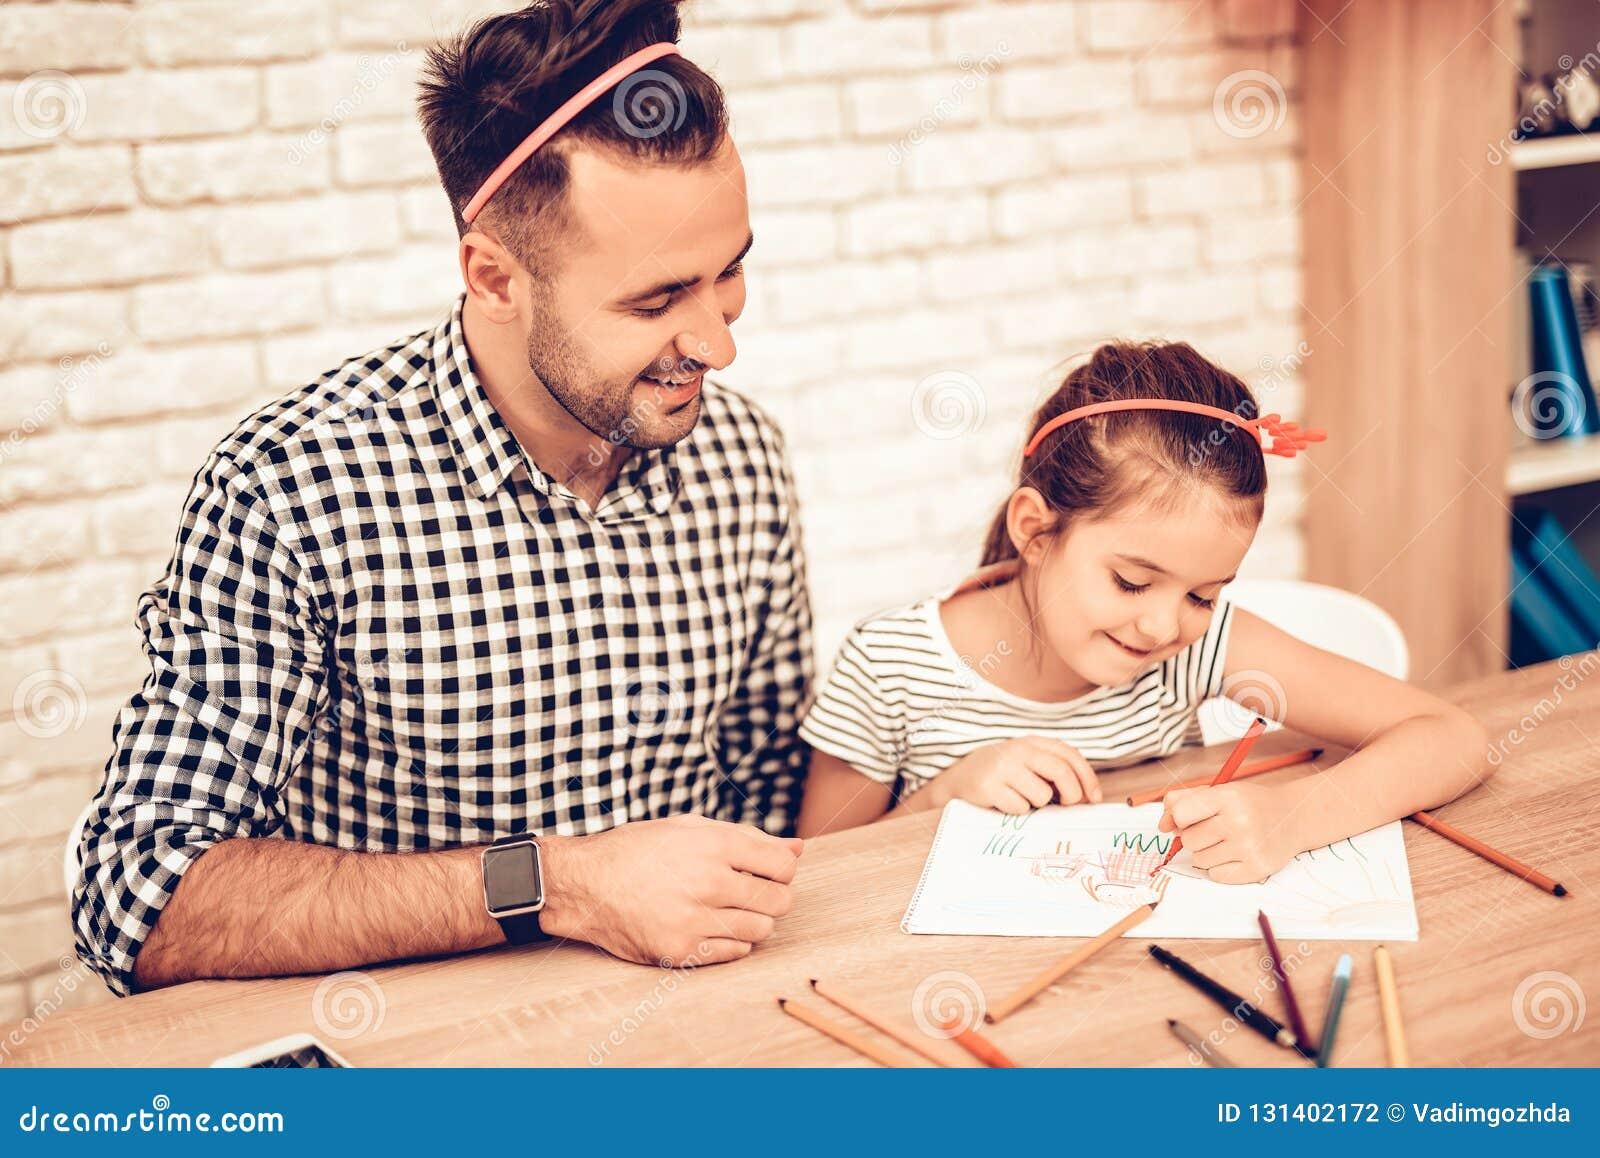 Figlia felice con il padre Draw Picture sulla Tabella